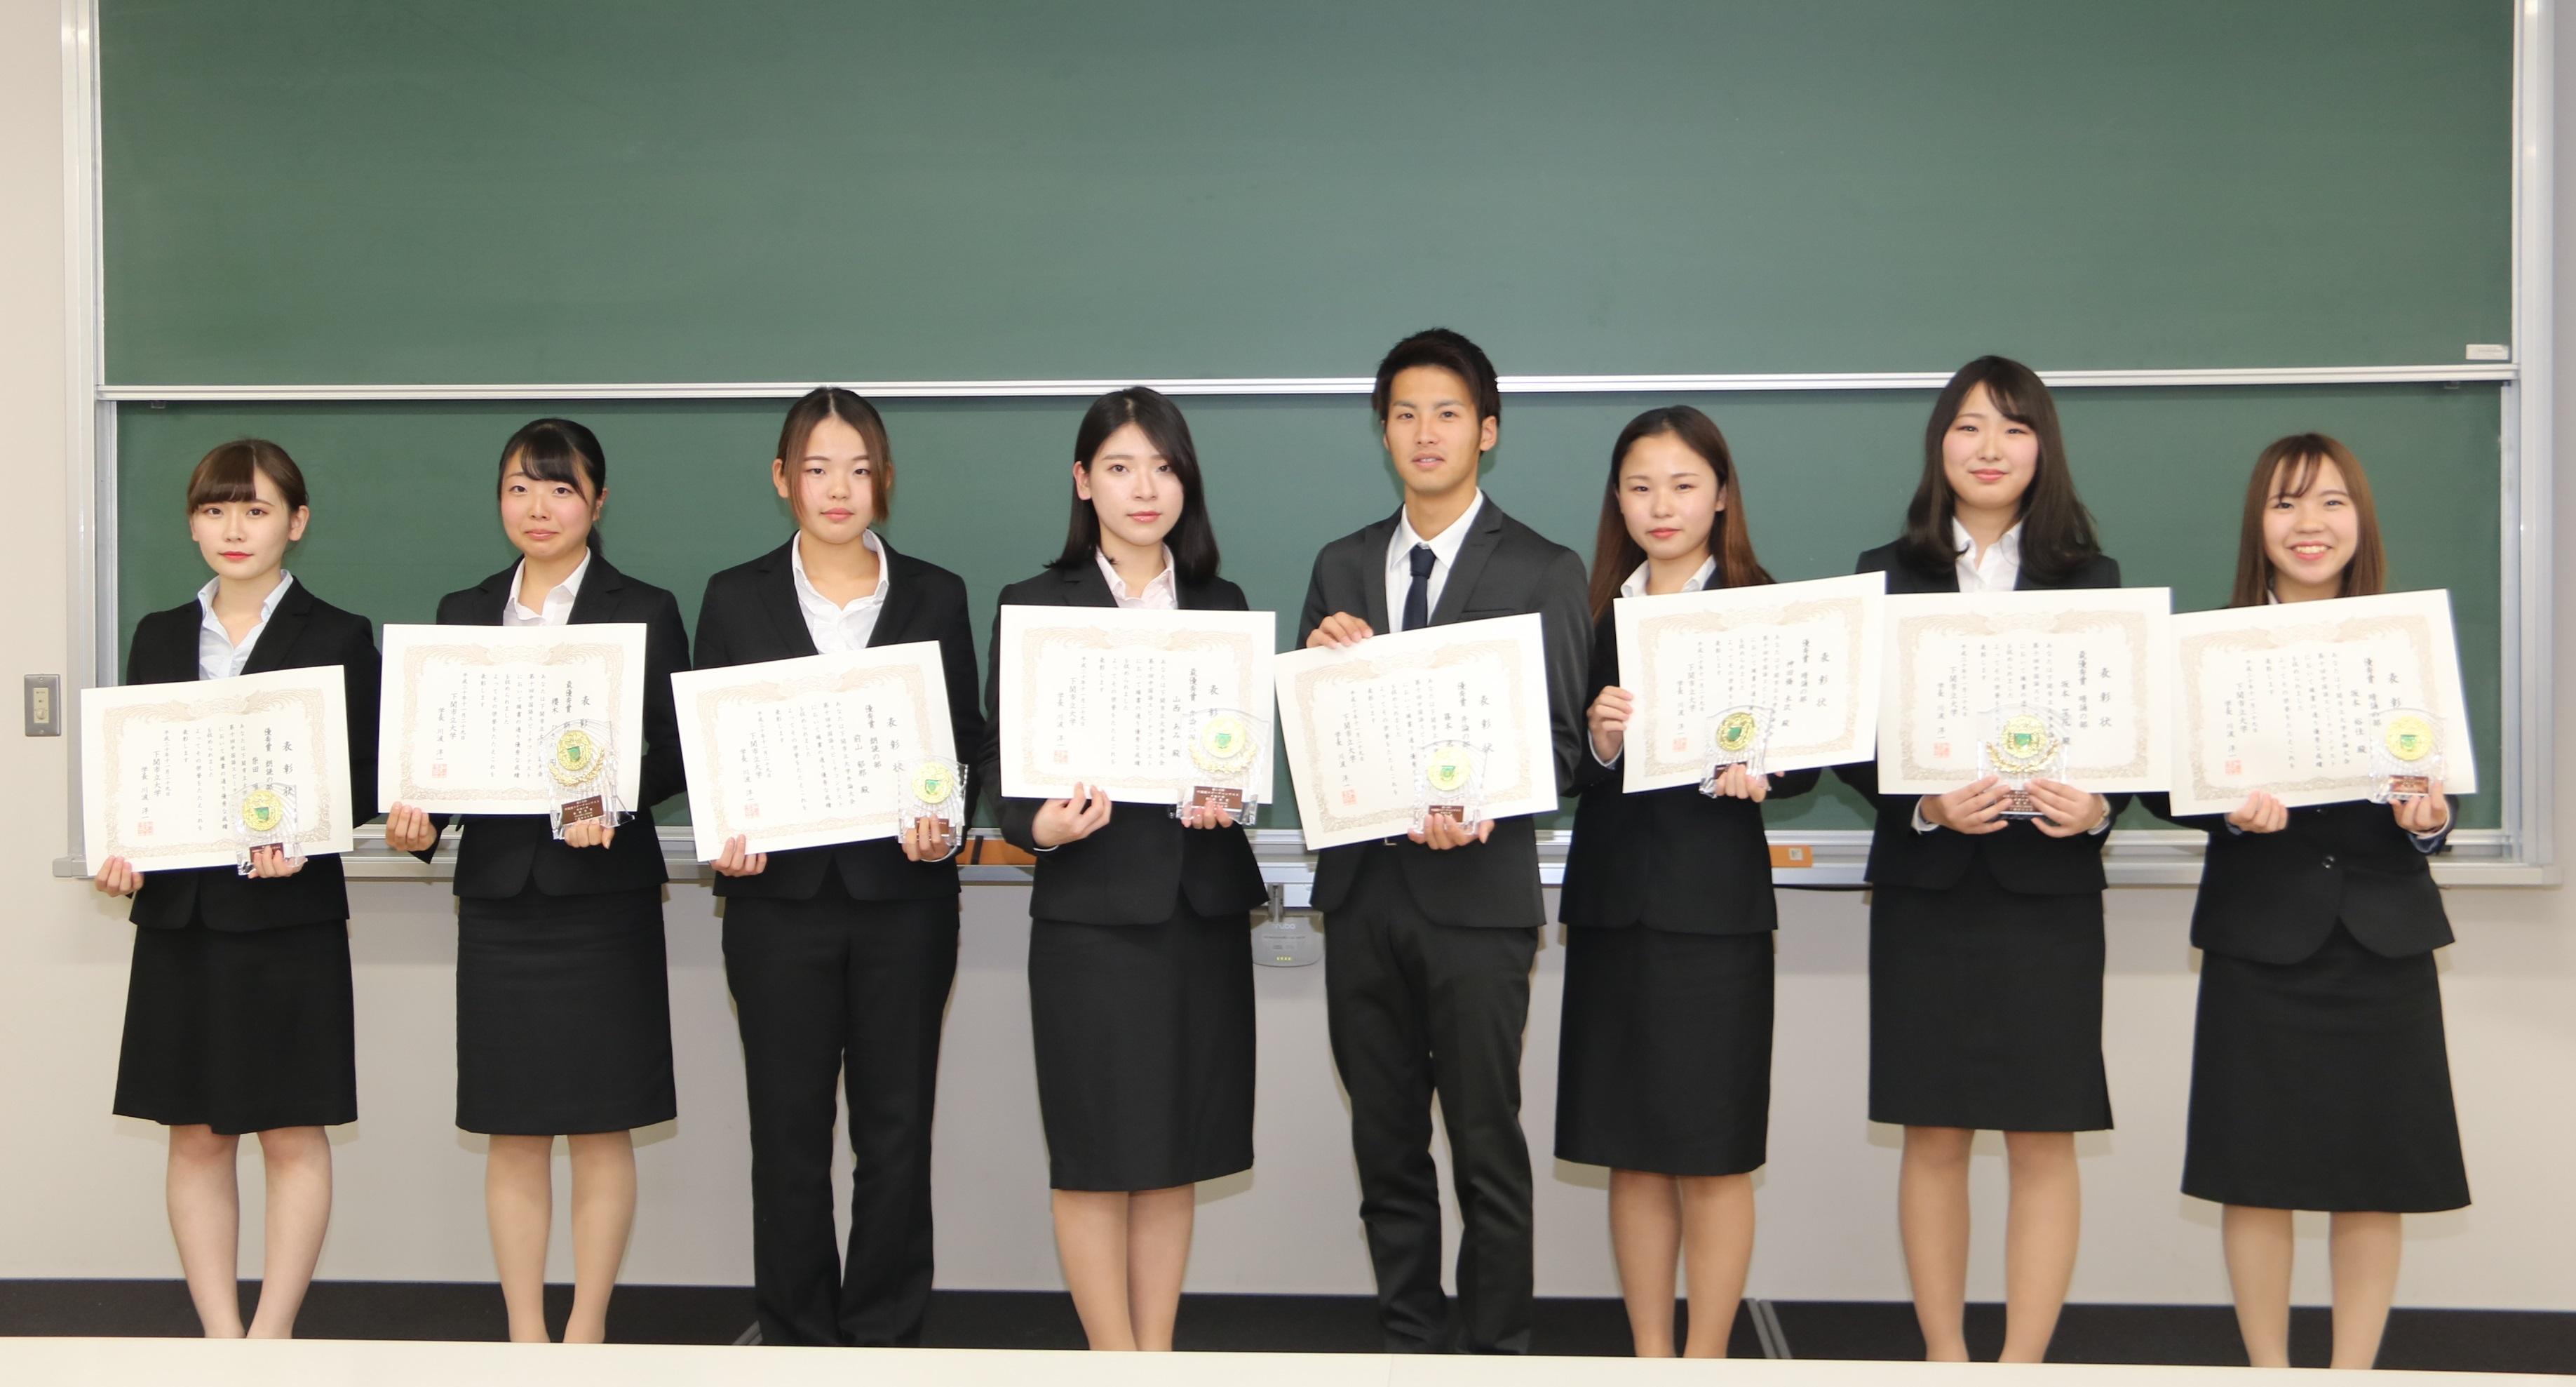 第10回中国語スピーチコンテストの様子